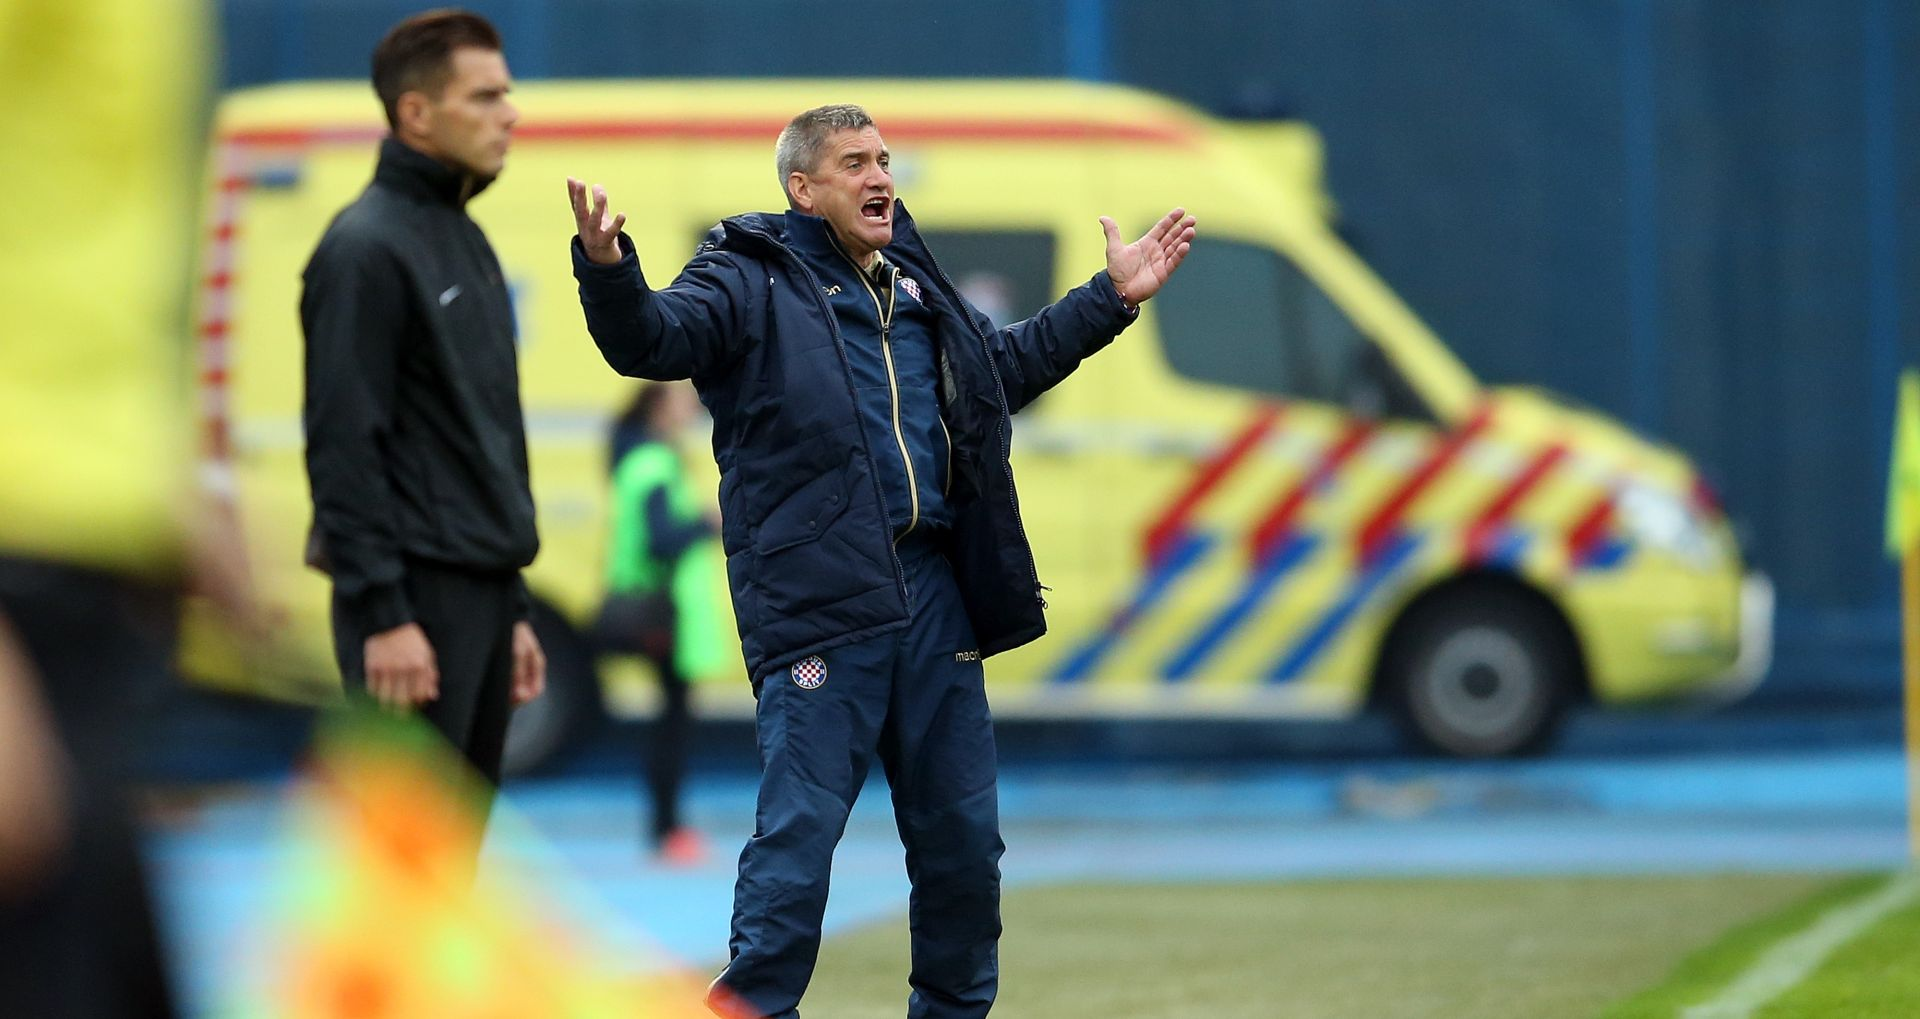 Pušnik: Dinamo i dalje favorit ispred Rijeke, a Hajduk treba osvojiti 10 bodova više nego lani